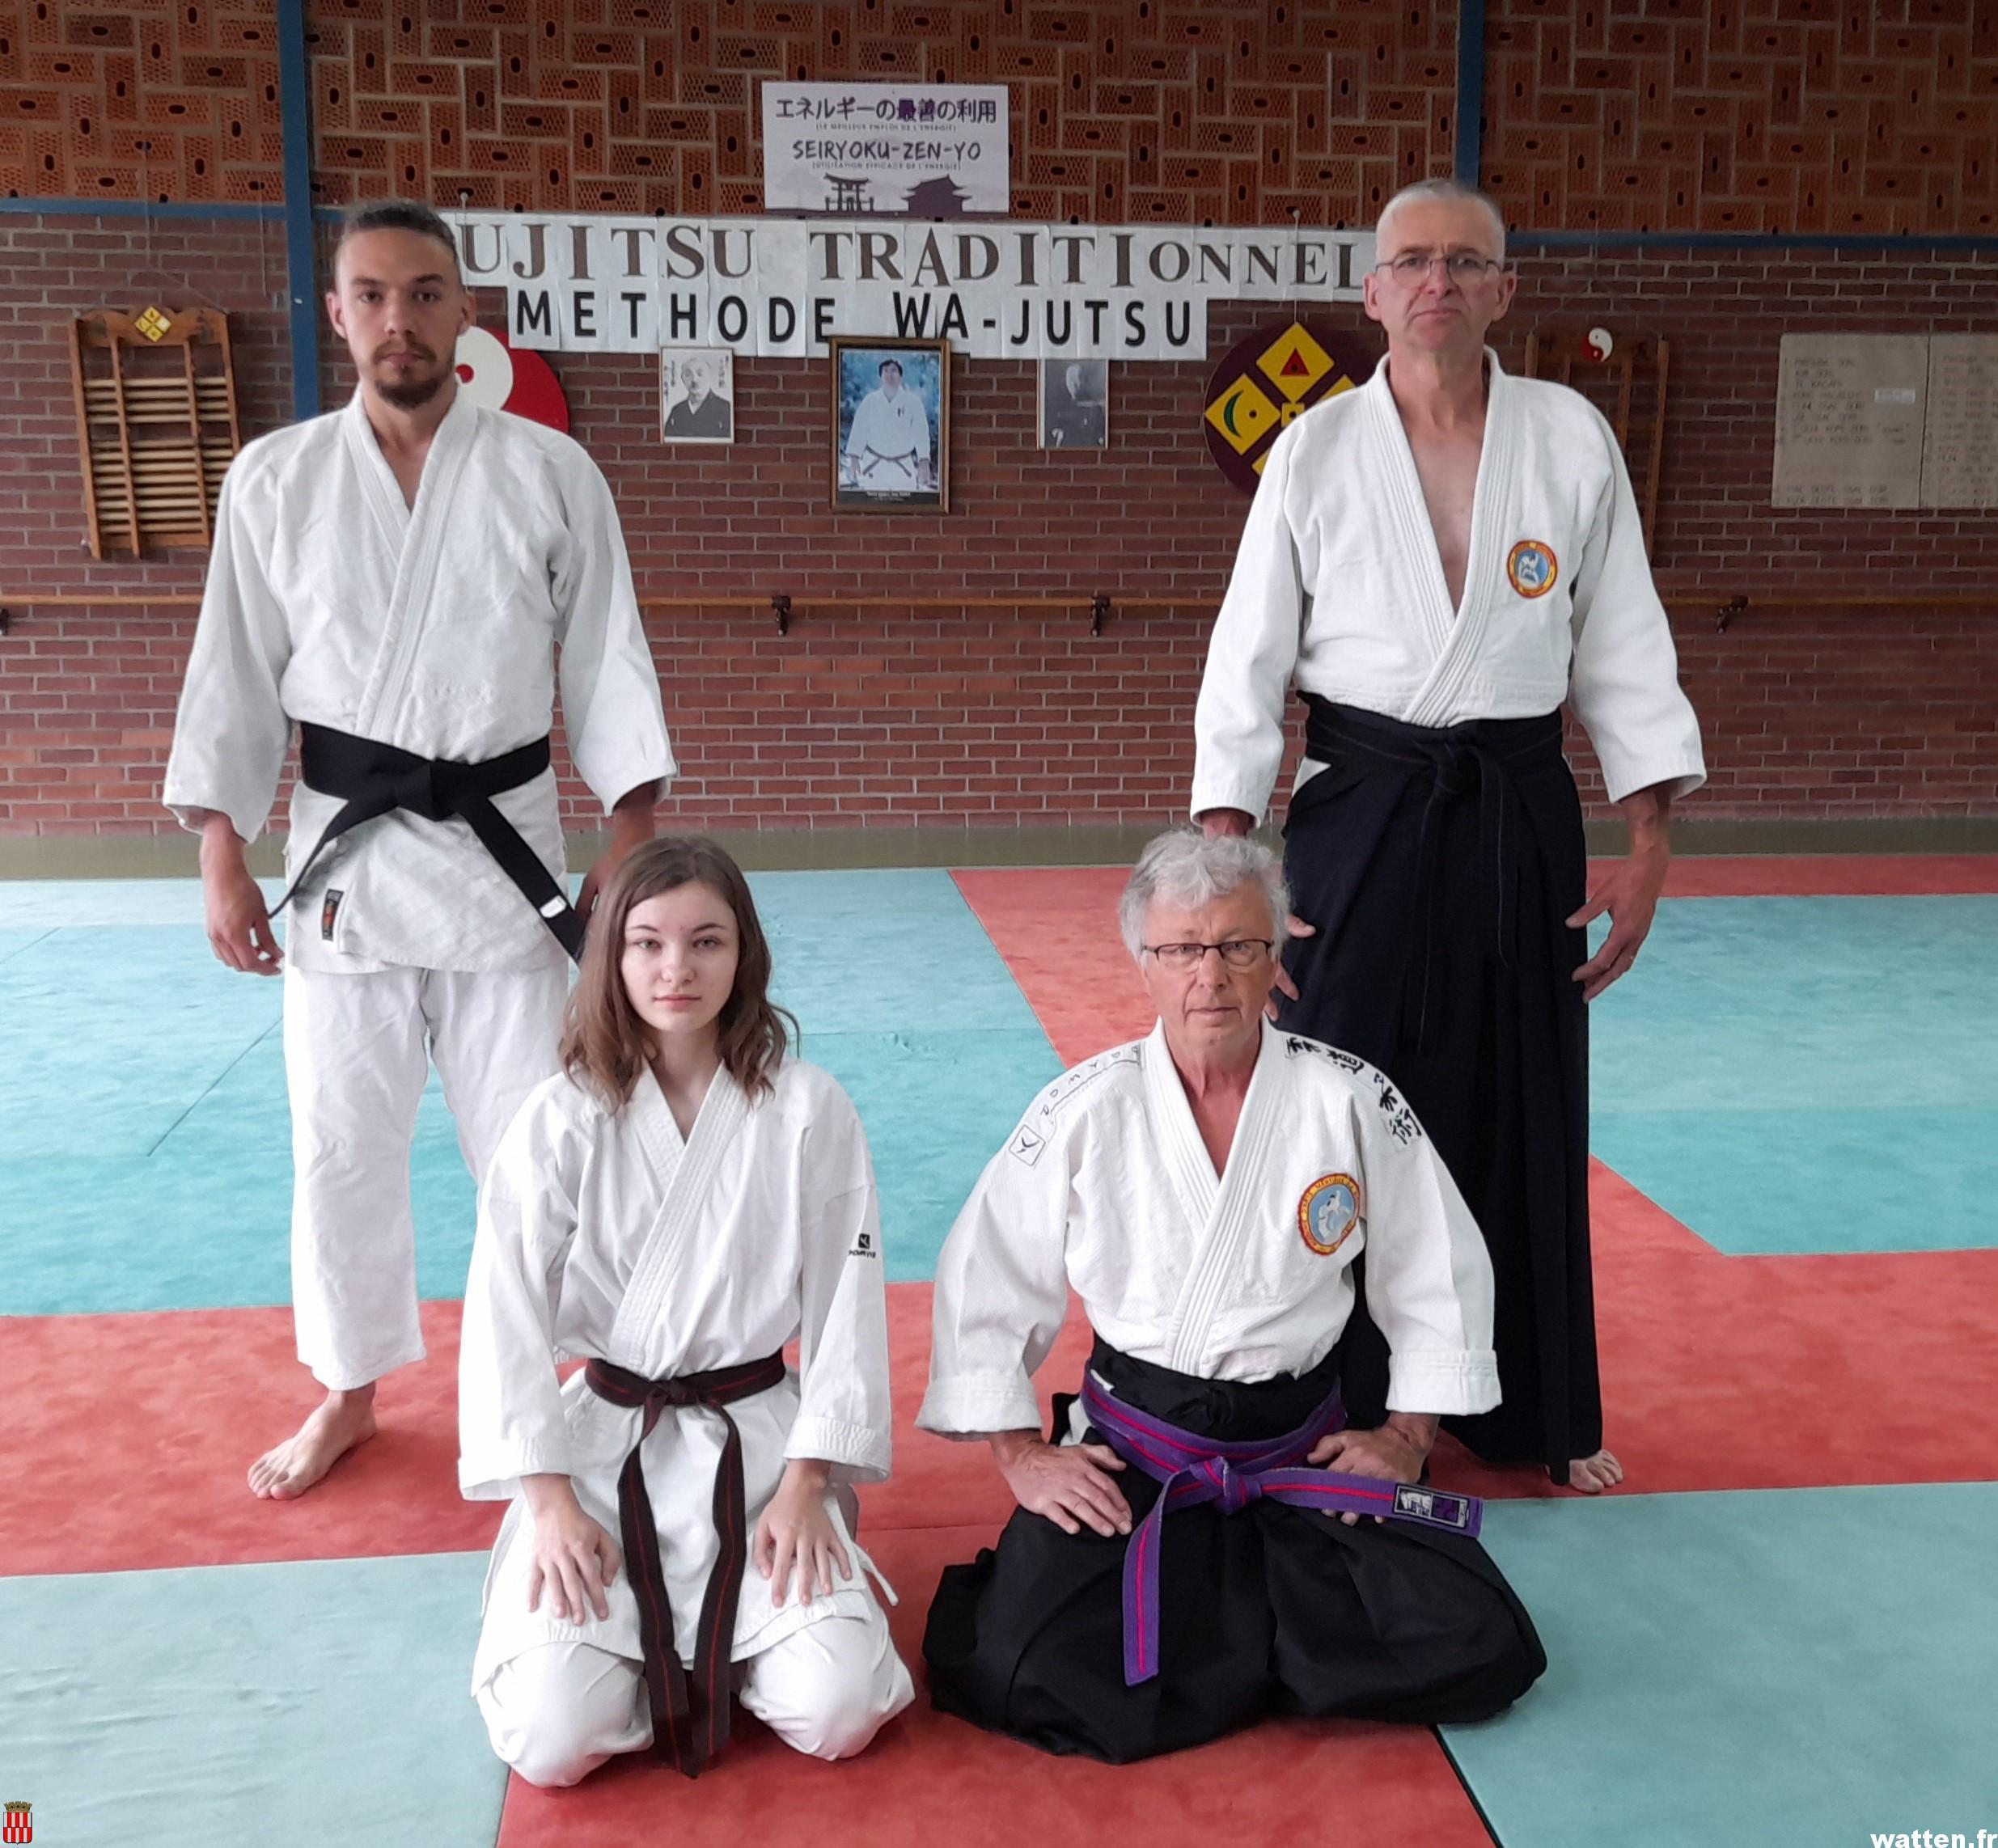 Nouveaux grades au club de jujitsu traditionnel